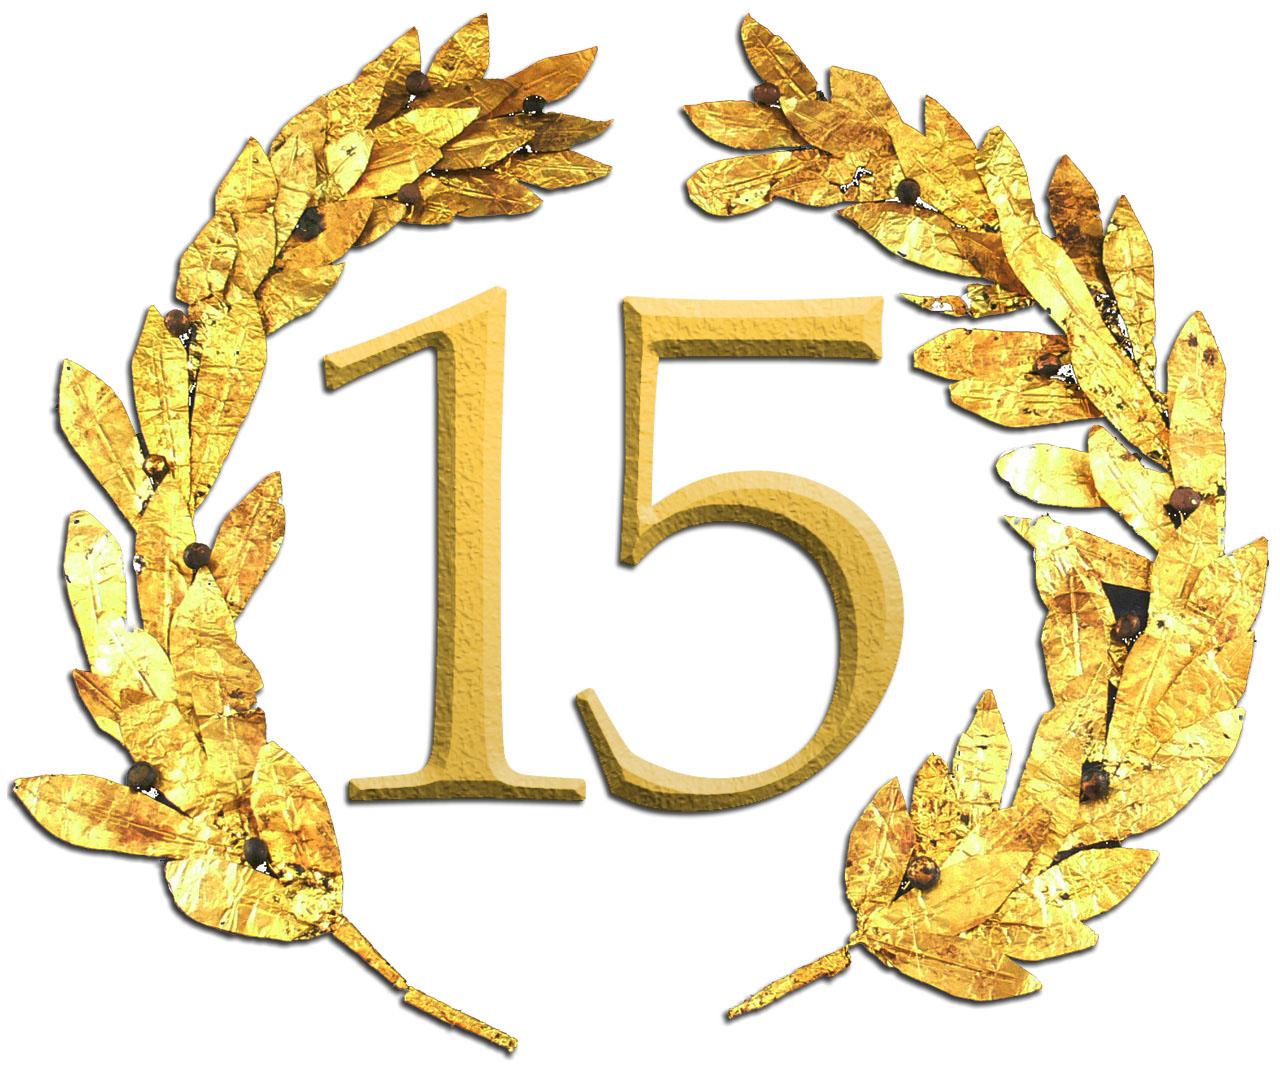 2001 gegründet, feiert die Marketingagentur ofischer communication 2016 ihr 15-jähriges Jubiläum.